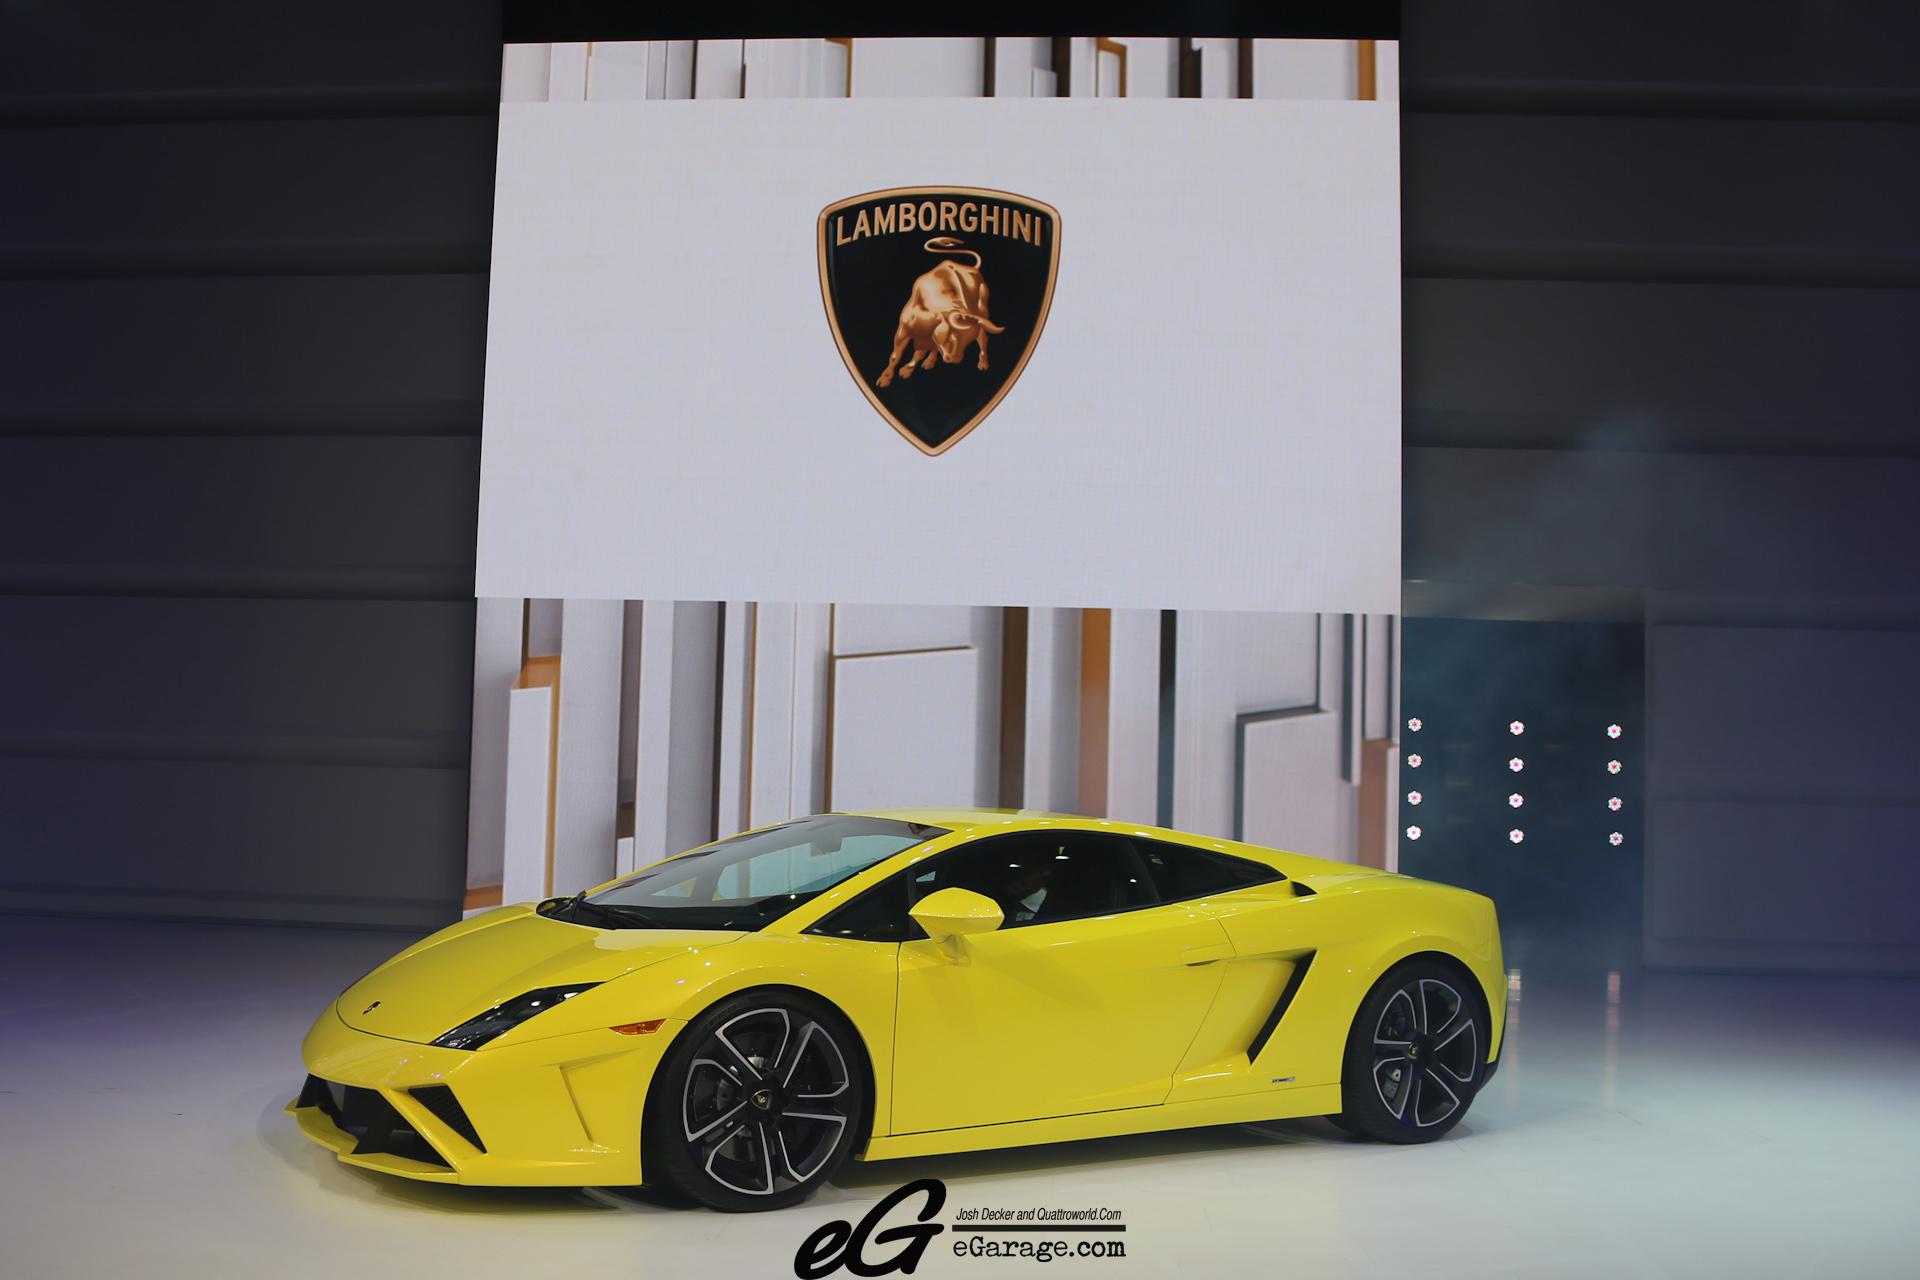 8030383322 60172d3889 o 2012 Paris Motor Show